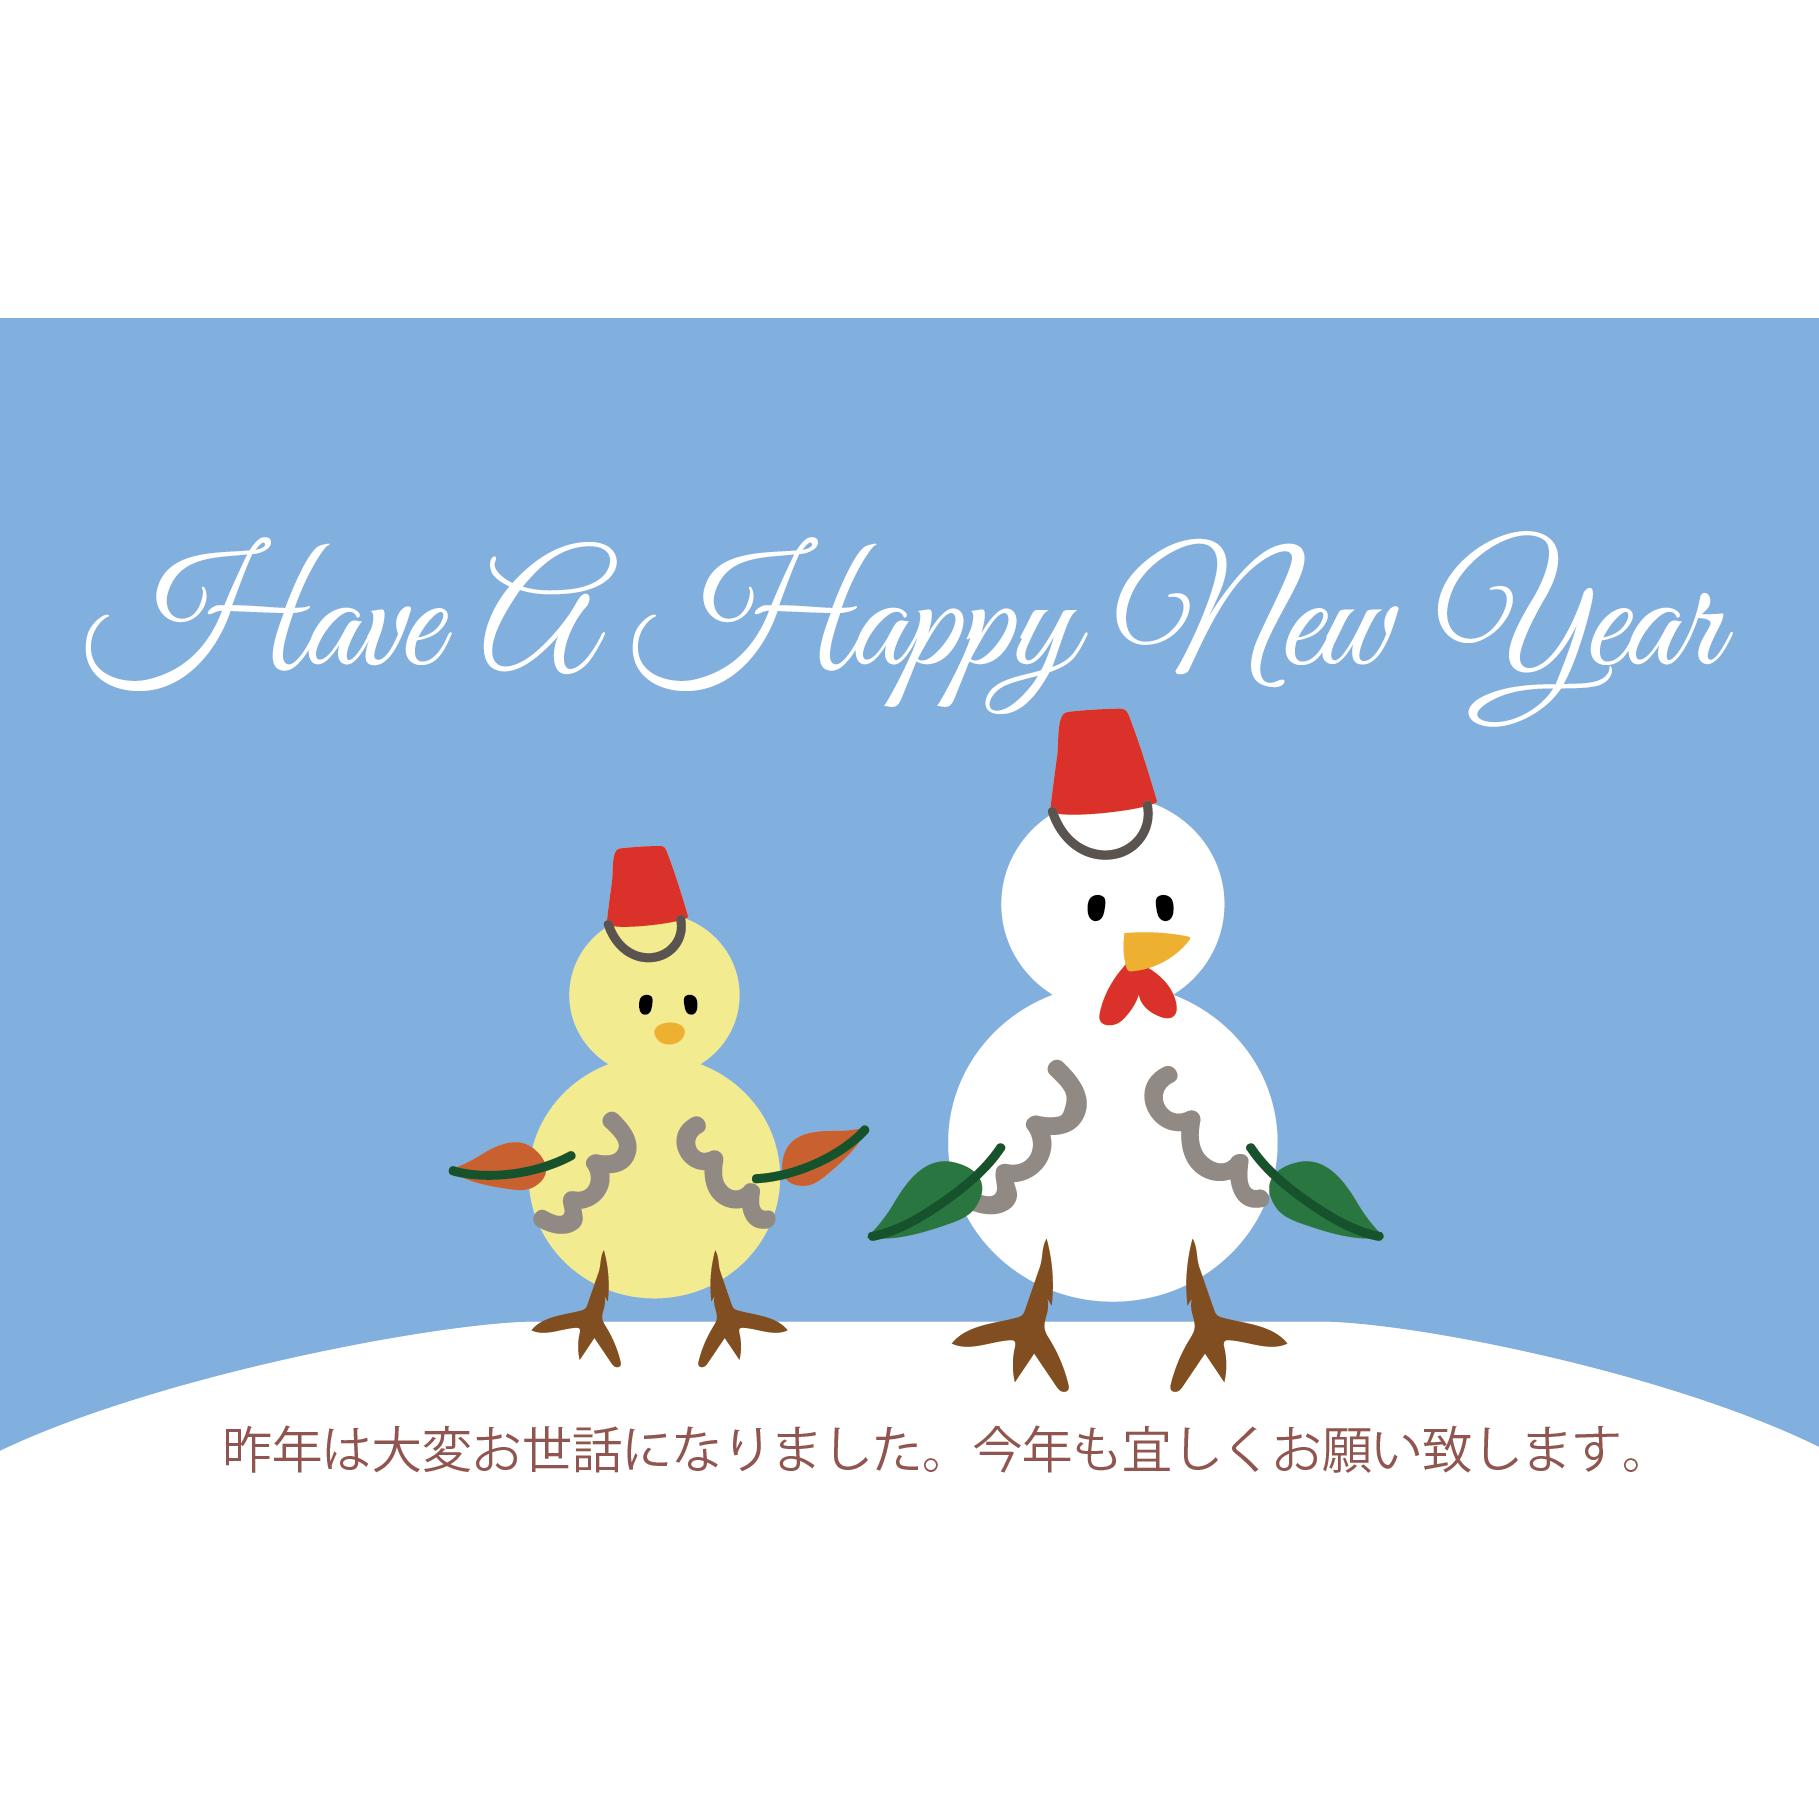 かわいい!雪だるま風!?鶏(にわとり)の年賀状イラスト 2017【横